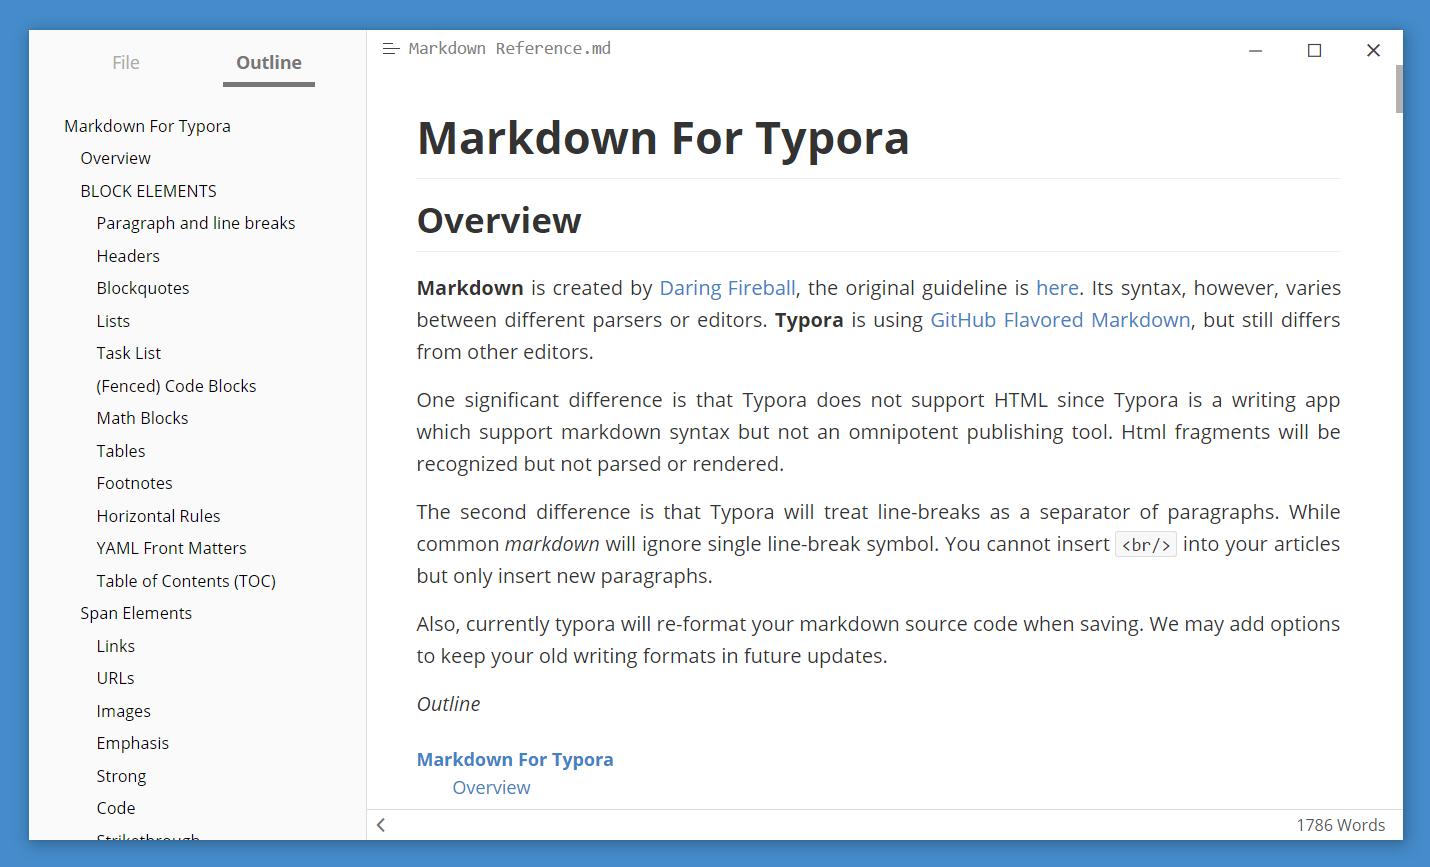 基于Typora的一站式图床解决方案